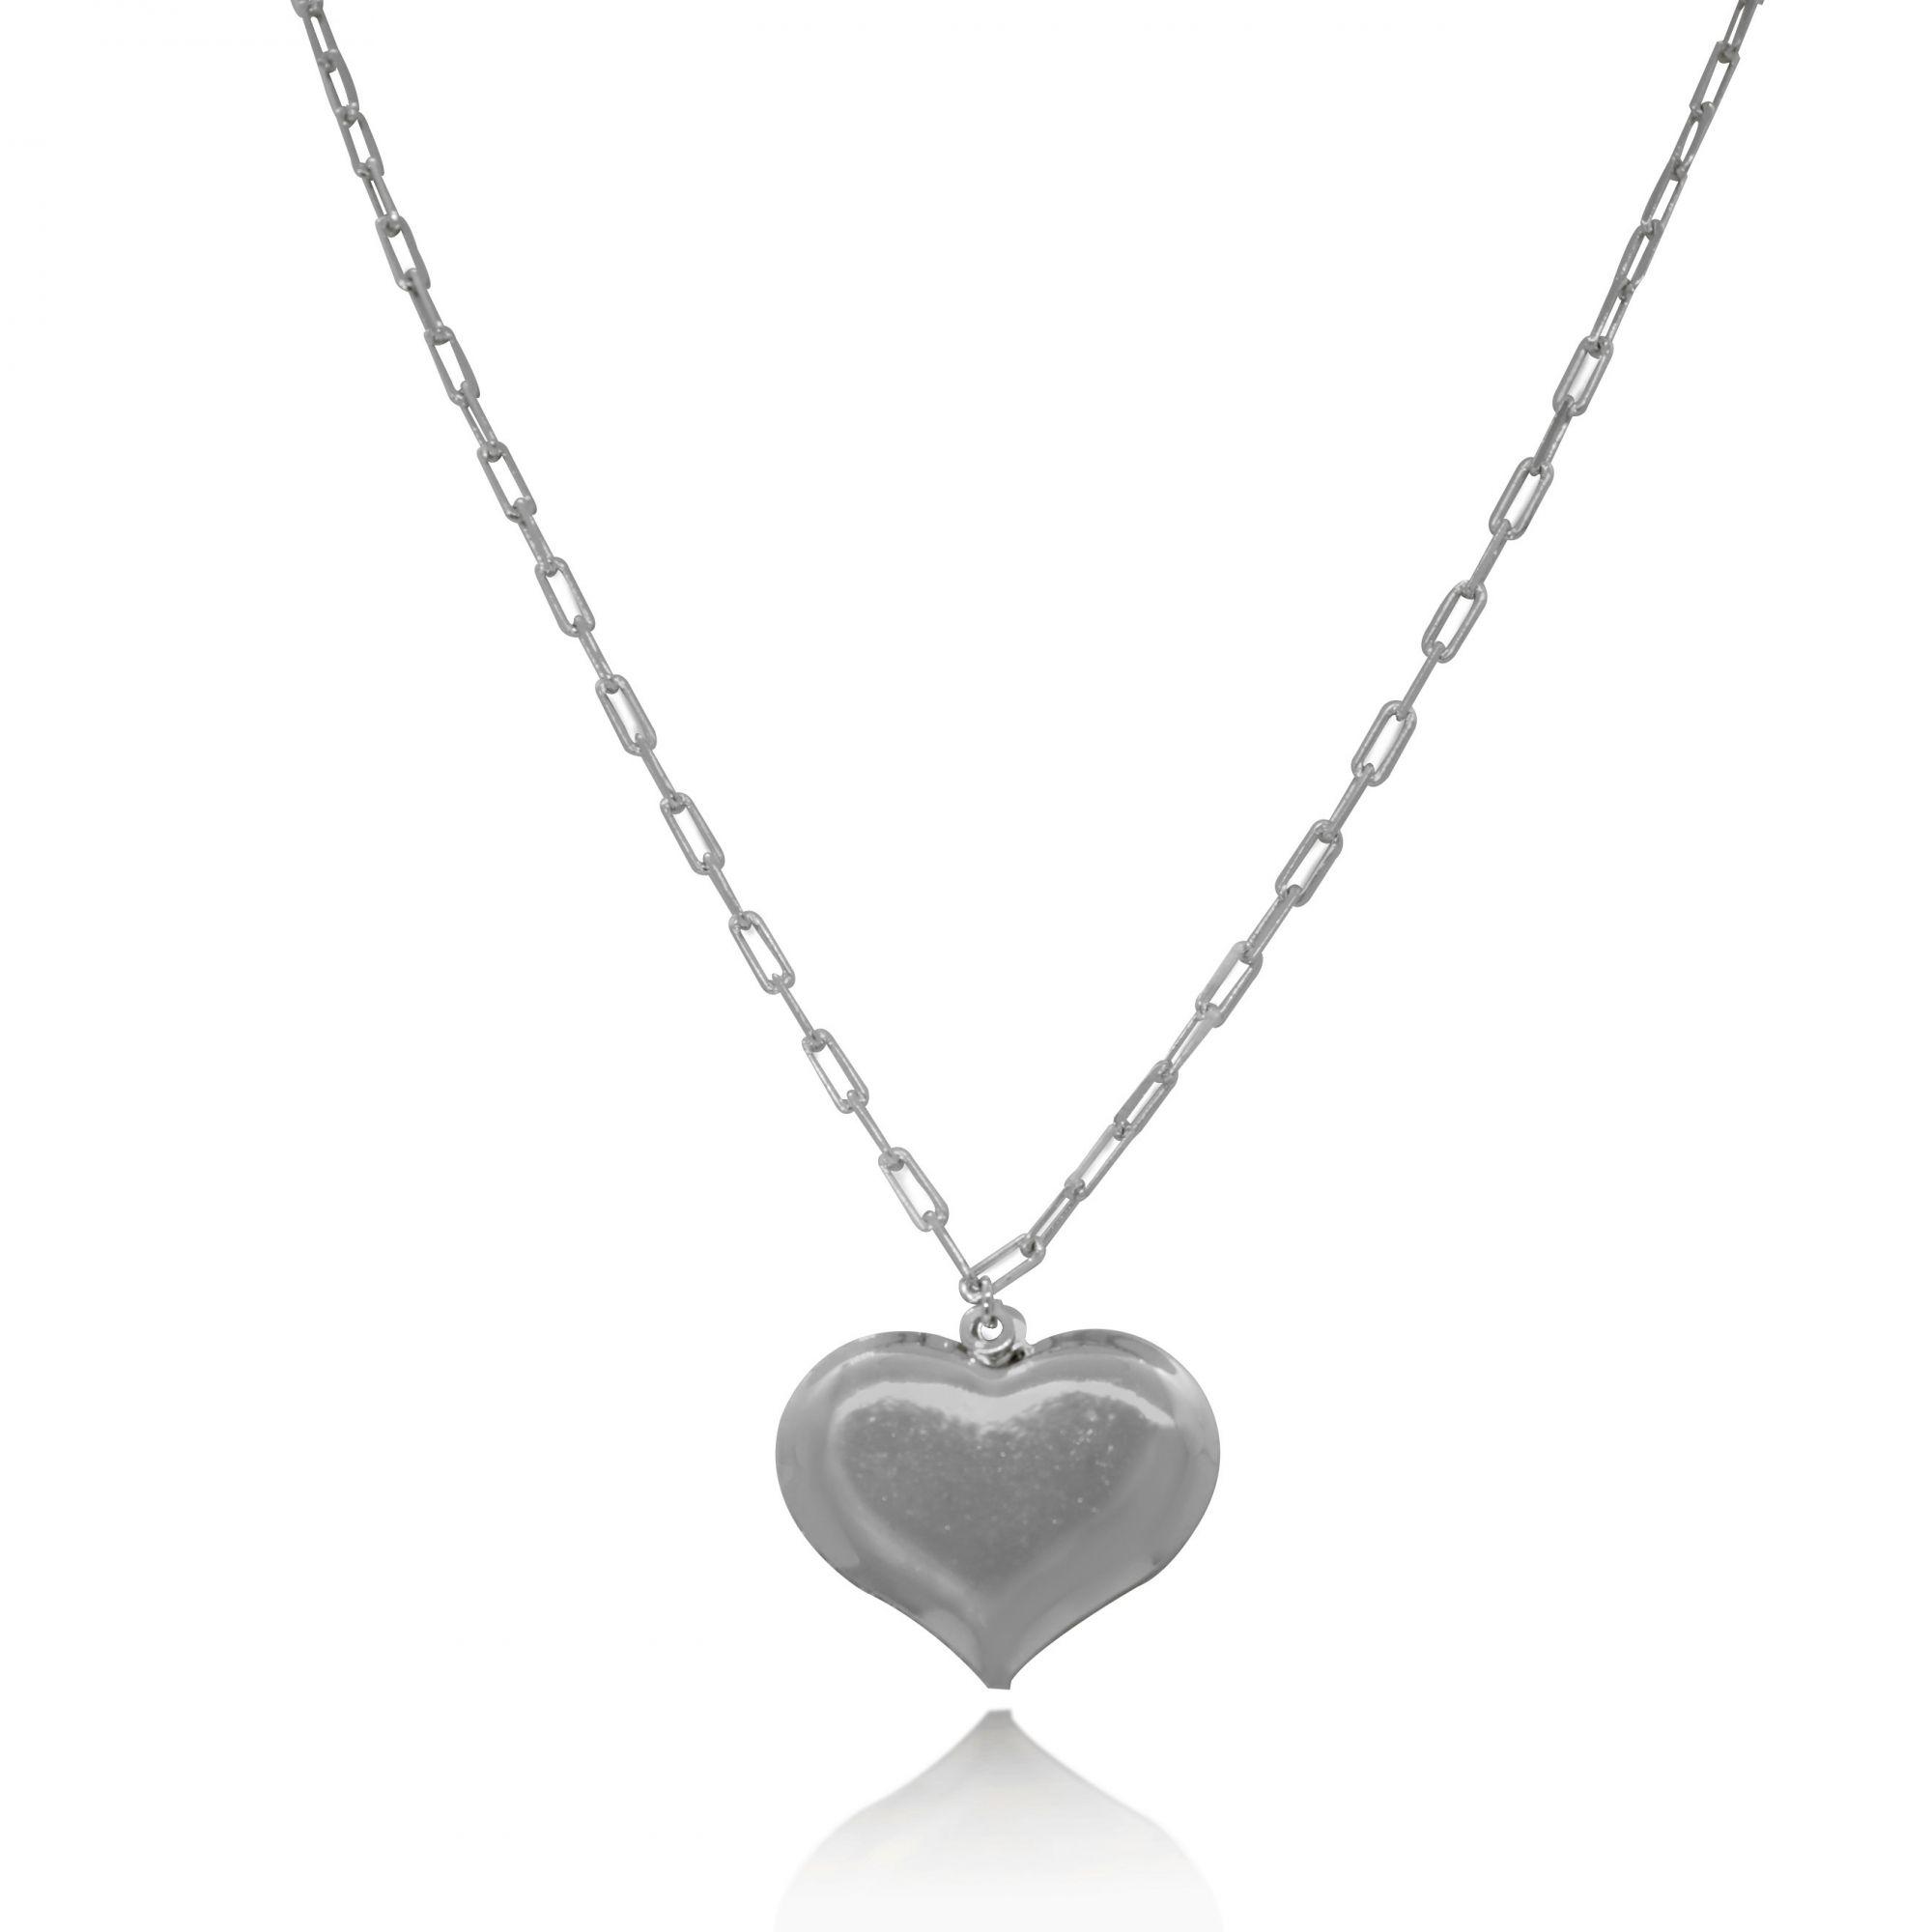 Colar Coração Malha Cartier Folheado a Prata 1000